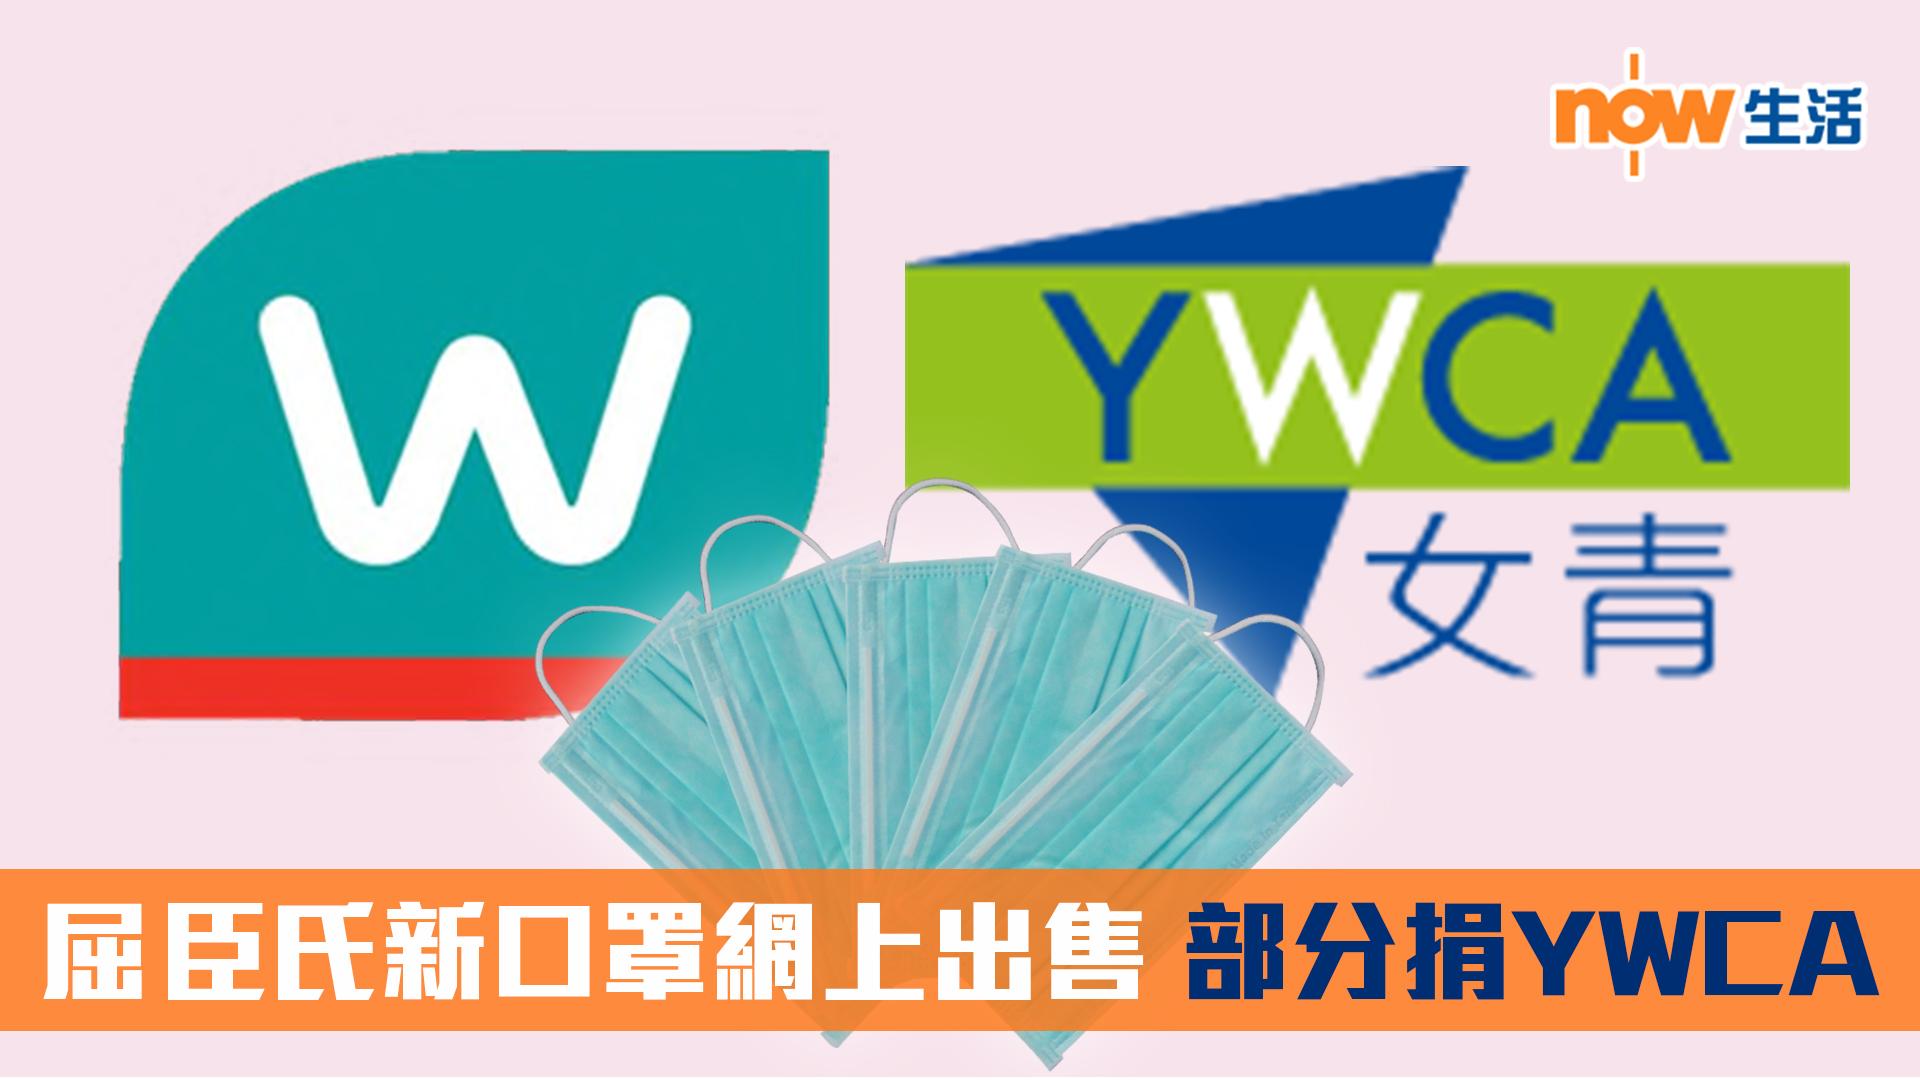 屈臣氏新口罩將於網上出售 部分捐予YWCA支援長者